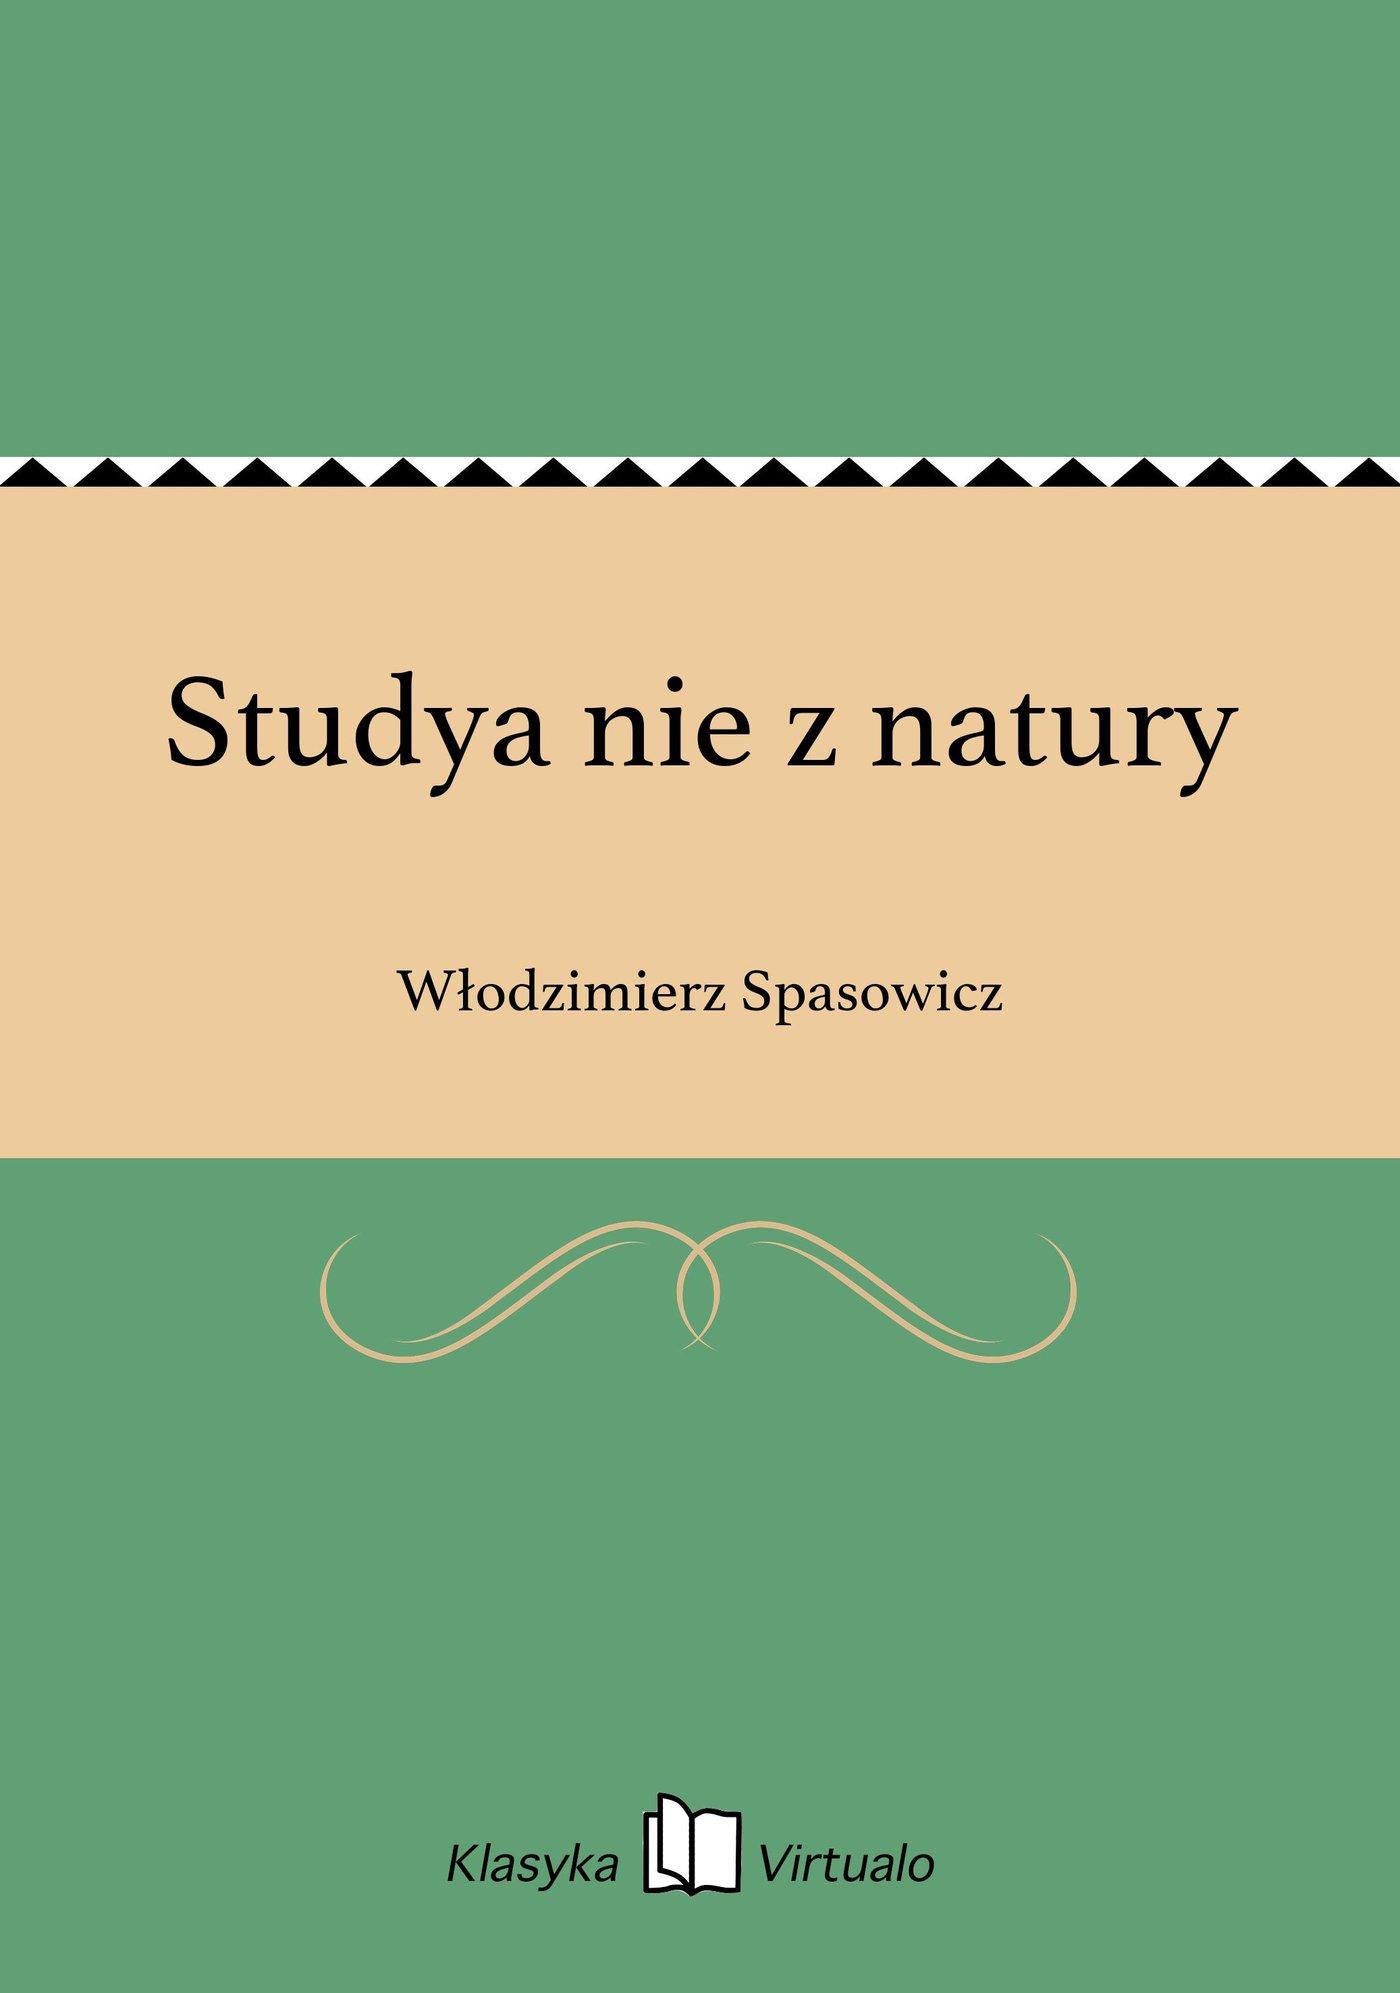 Studya nie z natury - Ebook (Książka EPUB) do pobrania w formacie EPUB